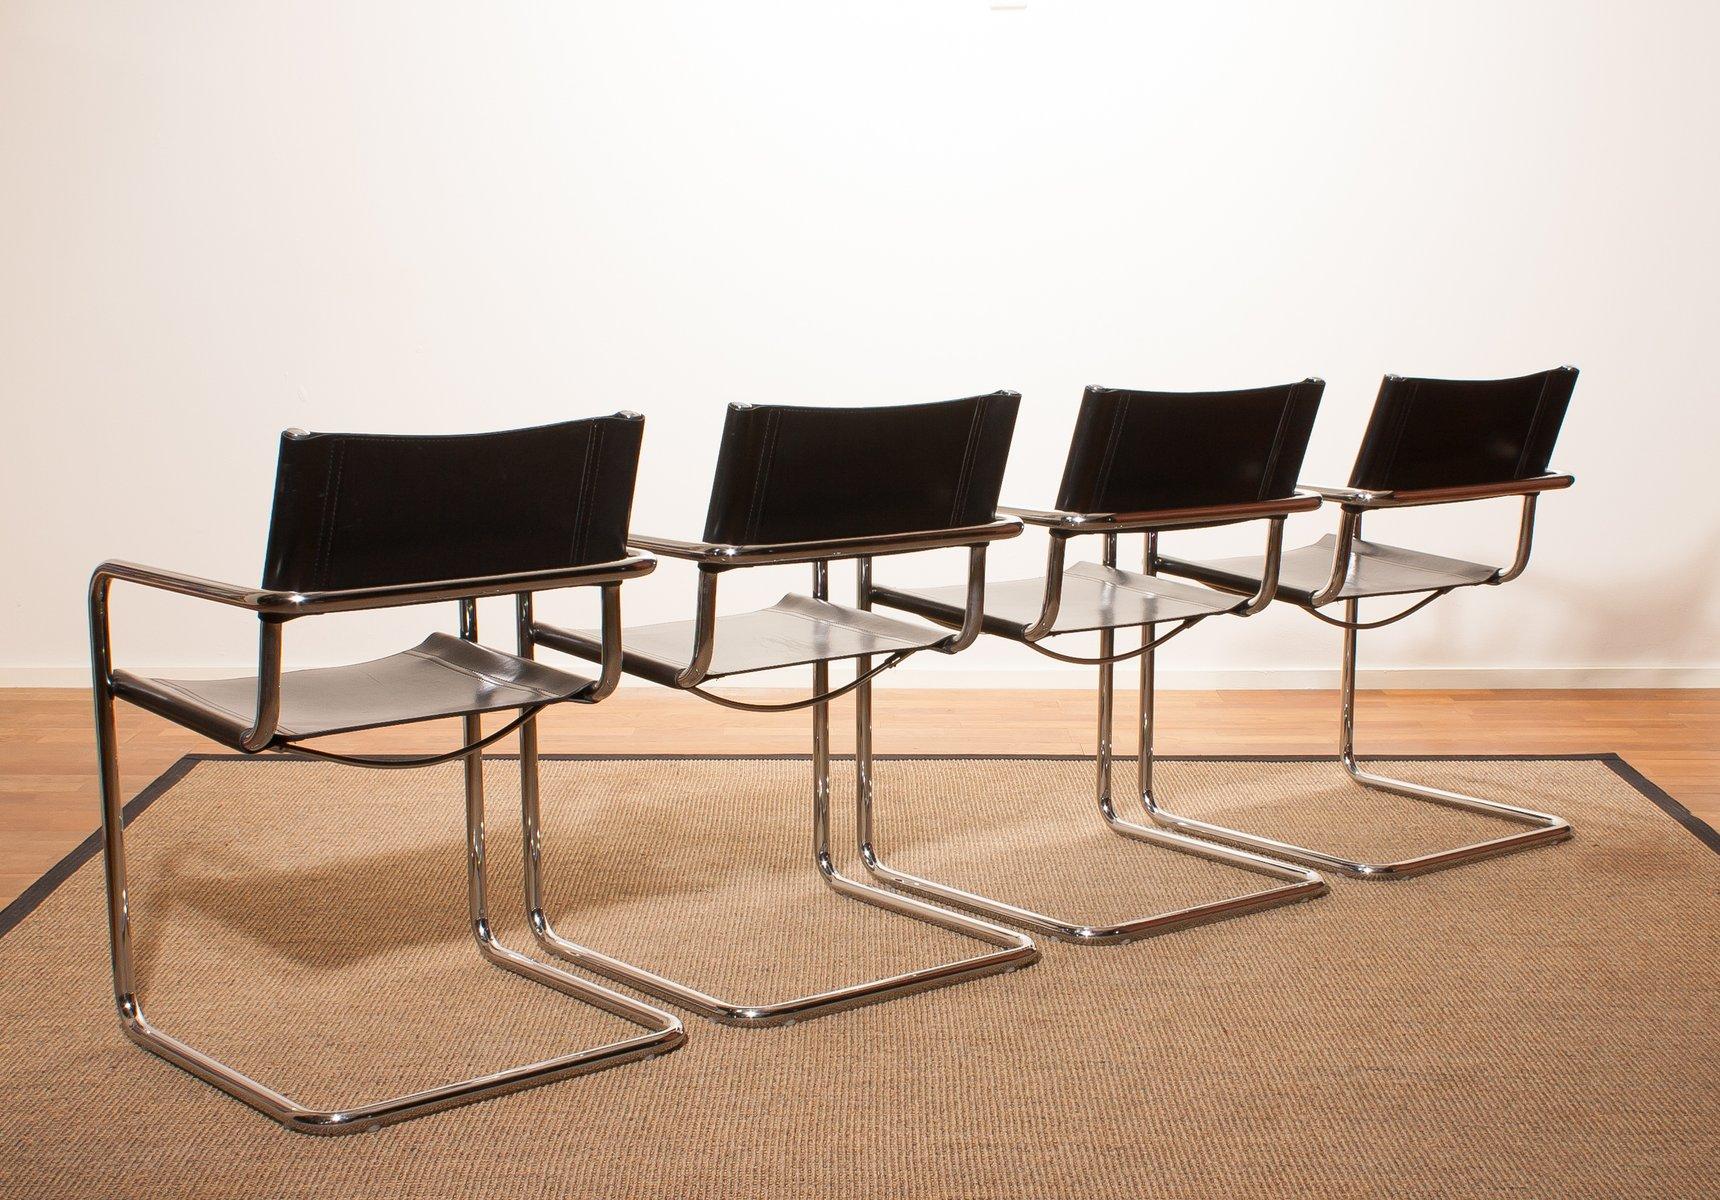 esszimmerst hle von matteo grassi 1970er 4er set bei pamono kaufen. Black Bedroom Furniture Sets. Home Design Ideas